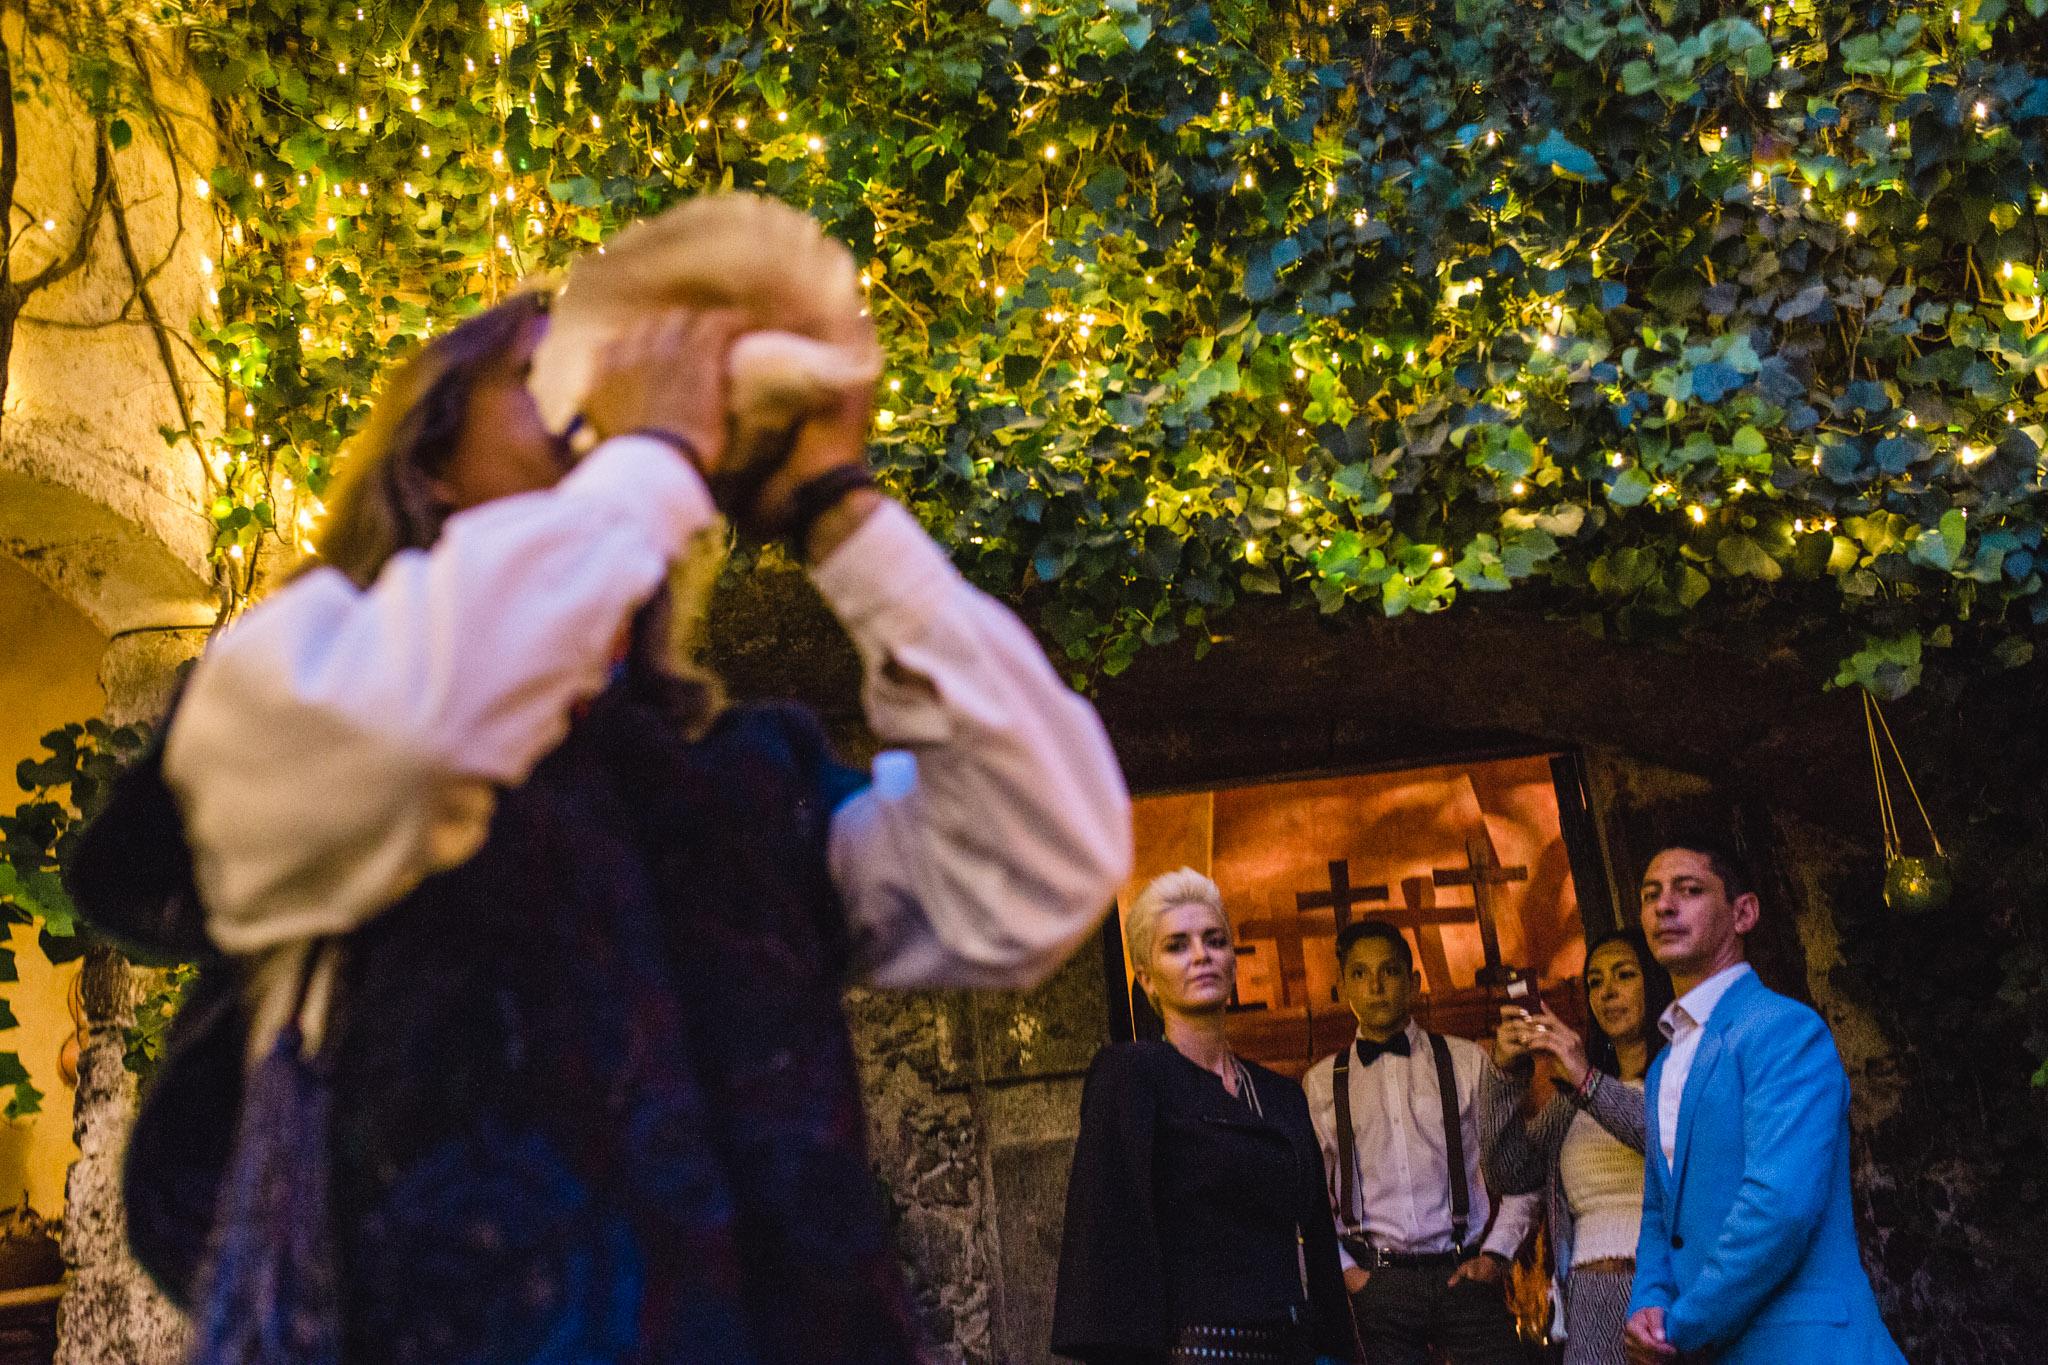 Blog-Wedding-Destination-Photography-San-Miguel-de-Allende-Jorge-Navarrete-Fotografía-Boda-Sandra-Beto-14.jpg